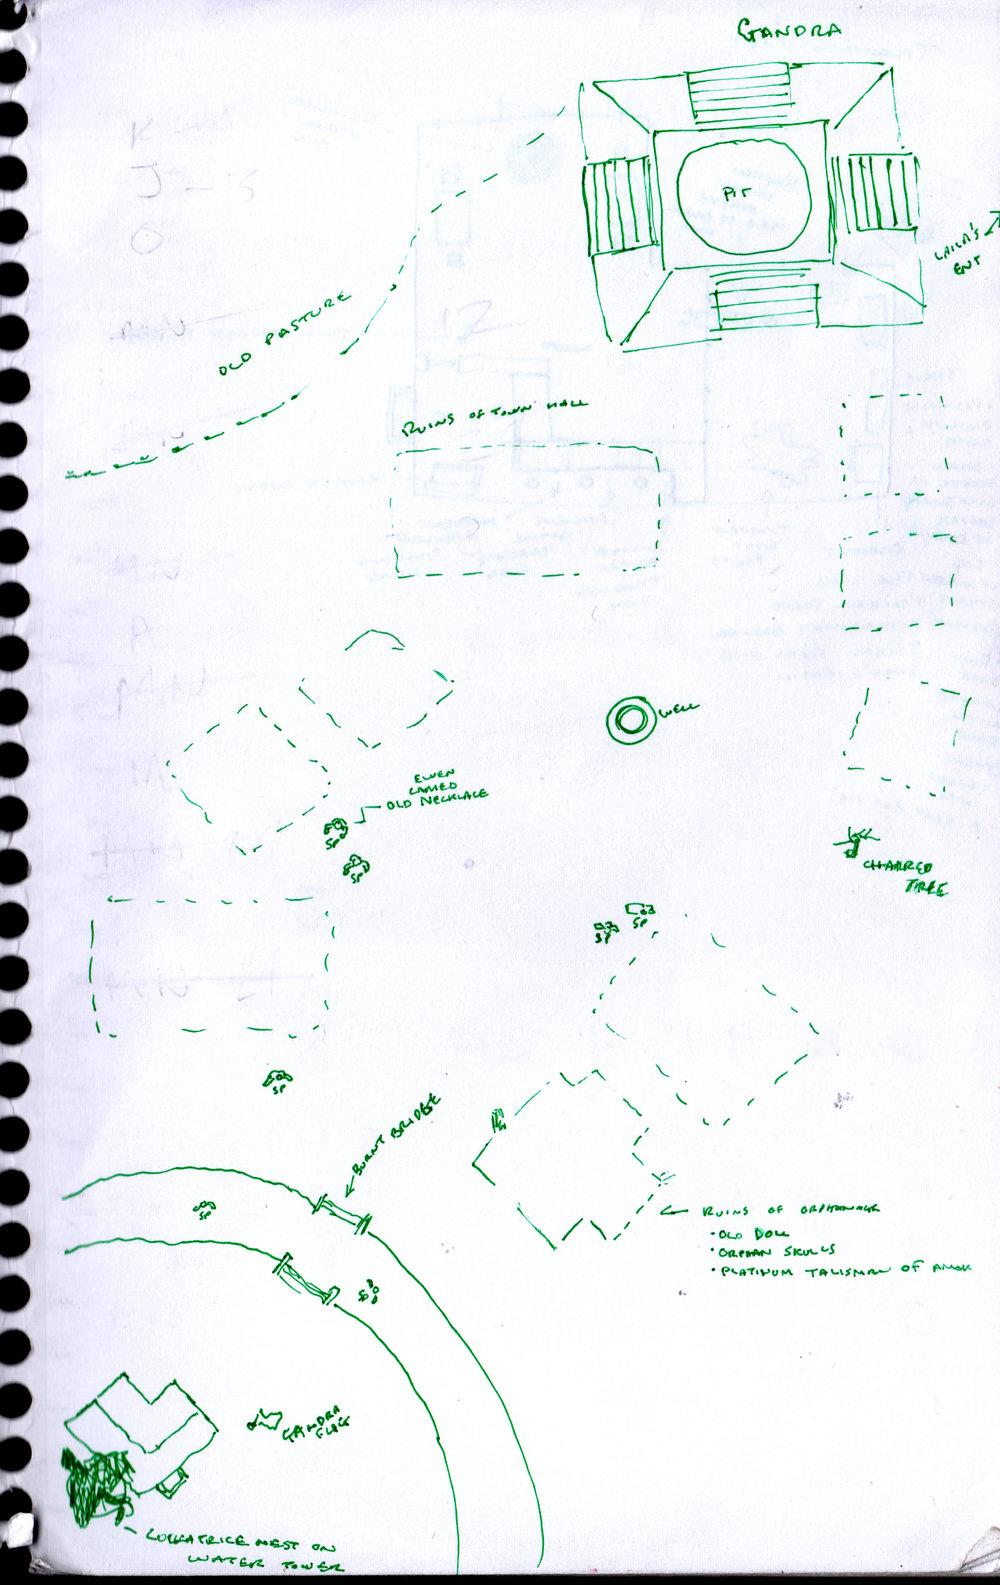 ch6.2_notebook_01.jpg